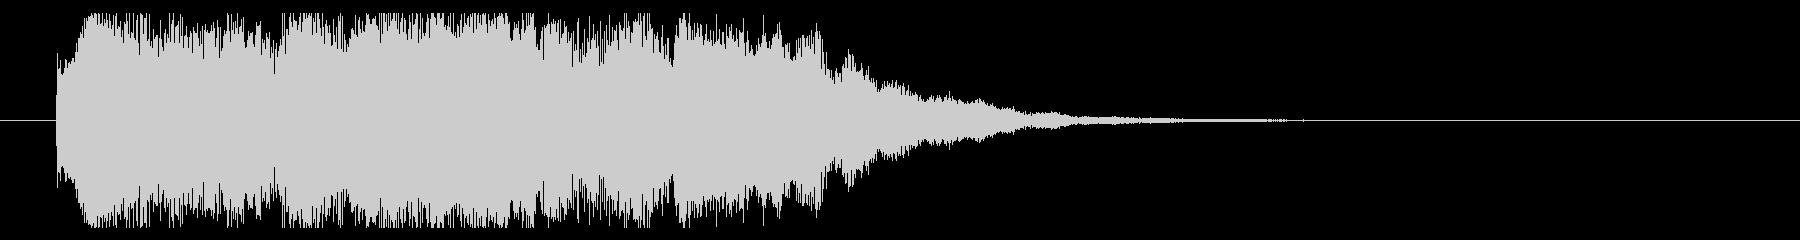 はじけるようなまぶしい音が特徴的なロゴの未再生の波形